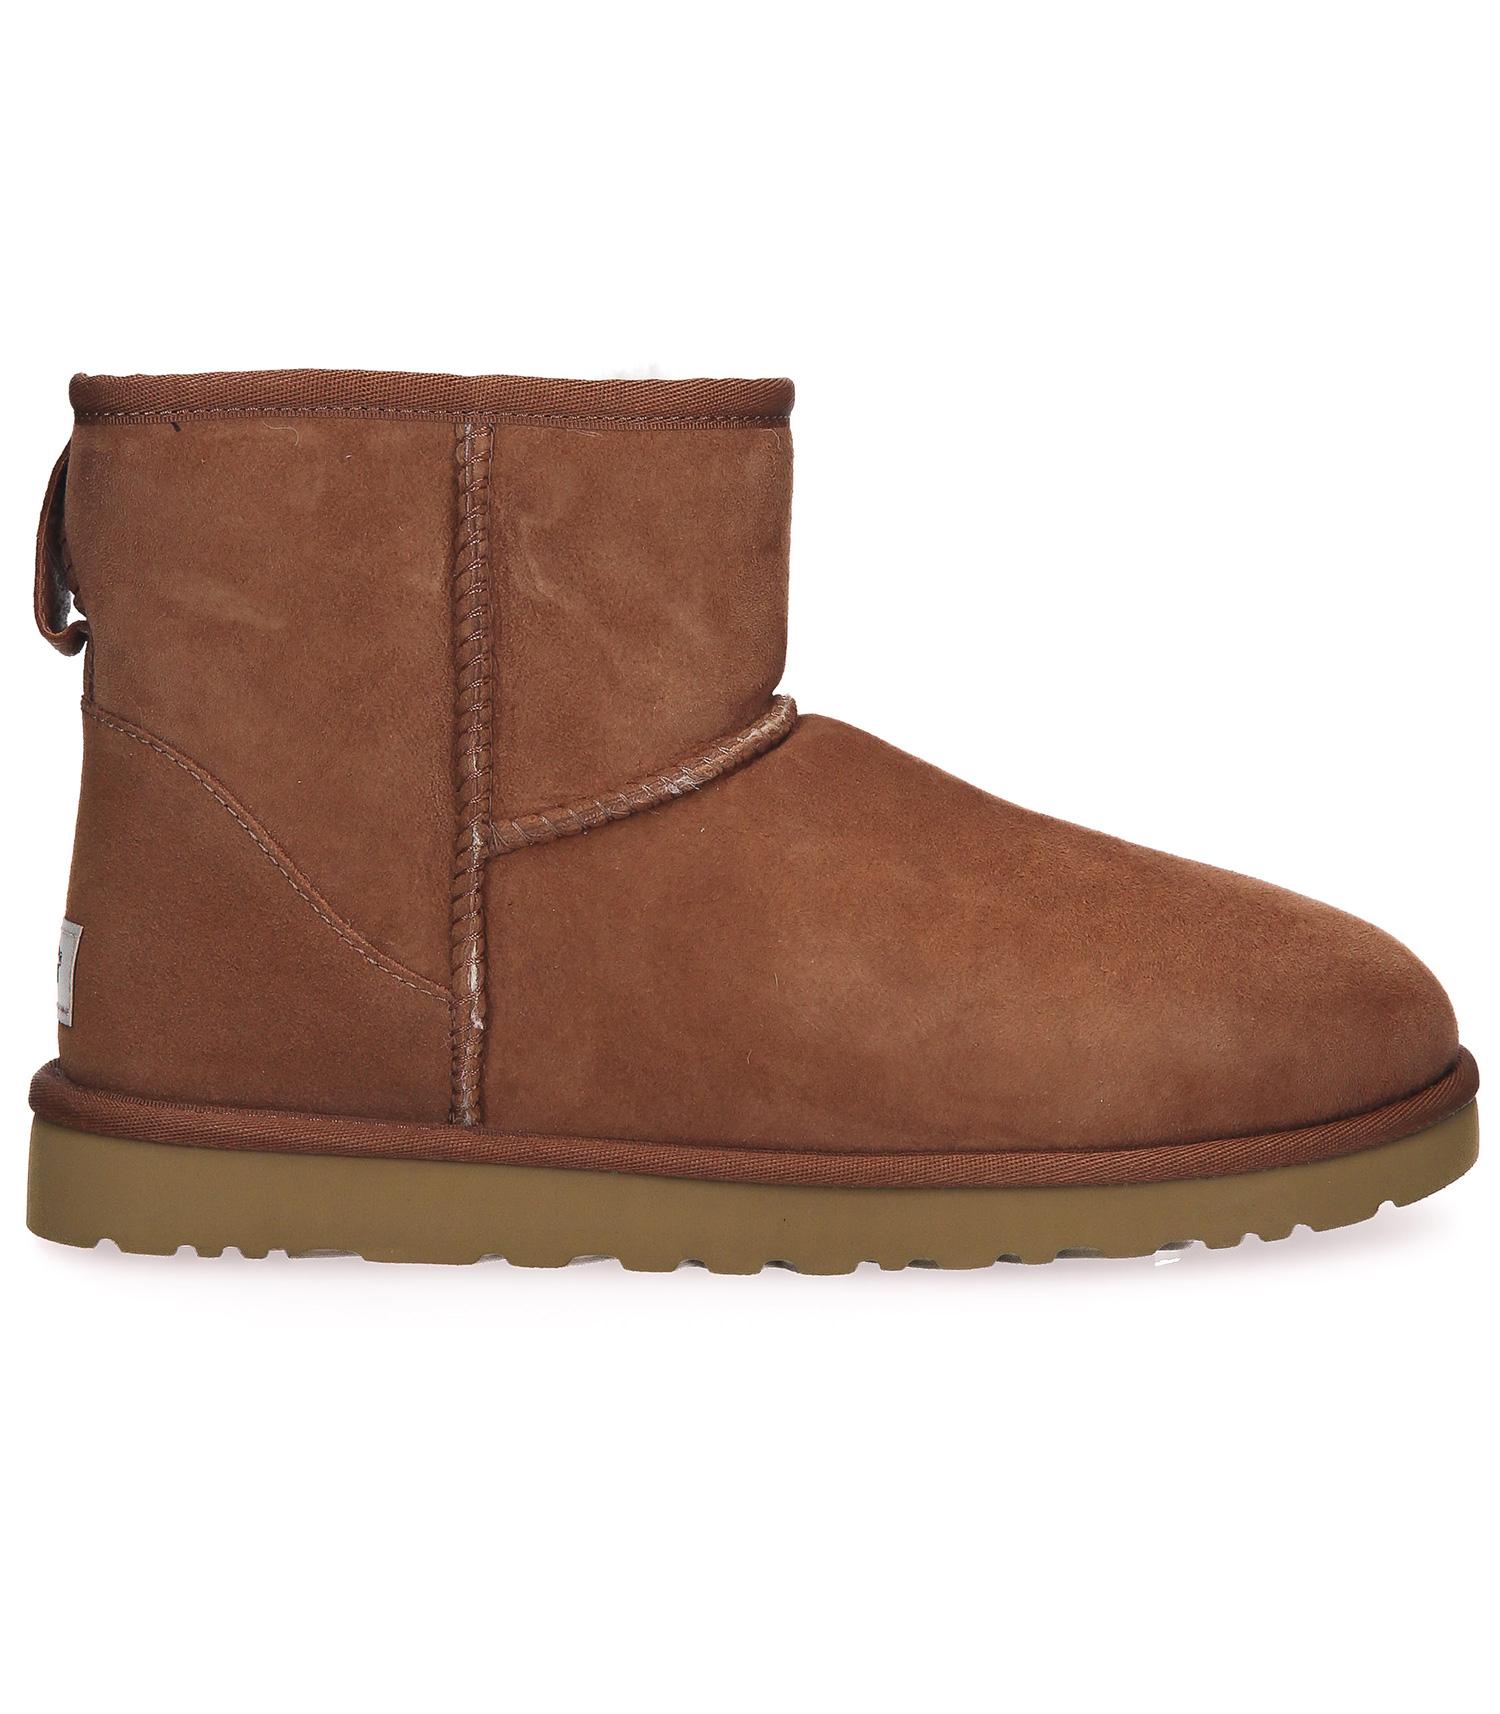 bottes ugg femme browns